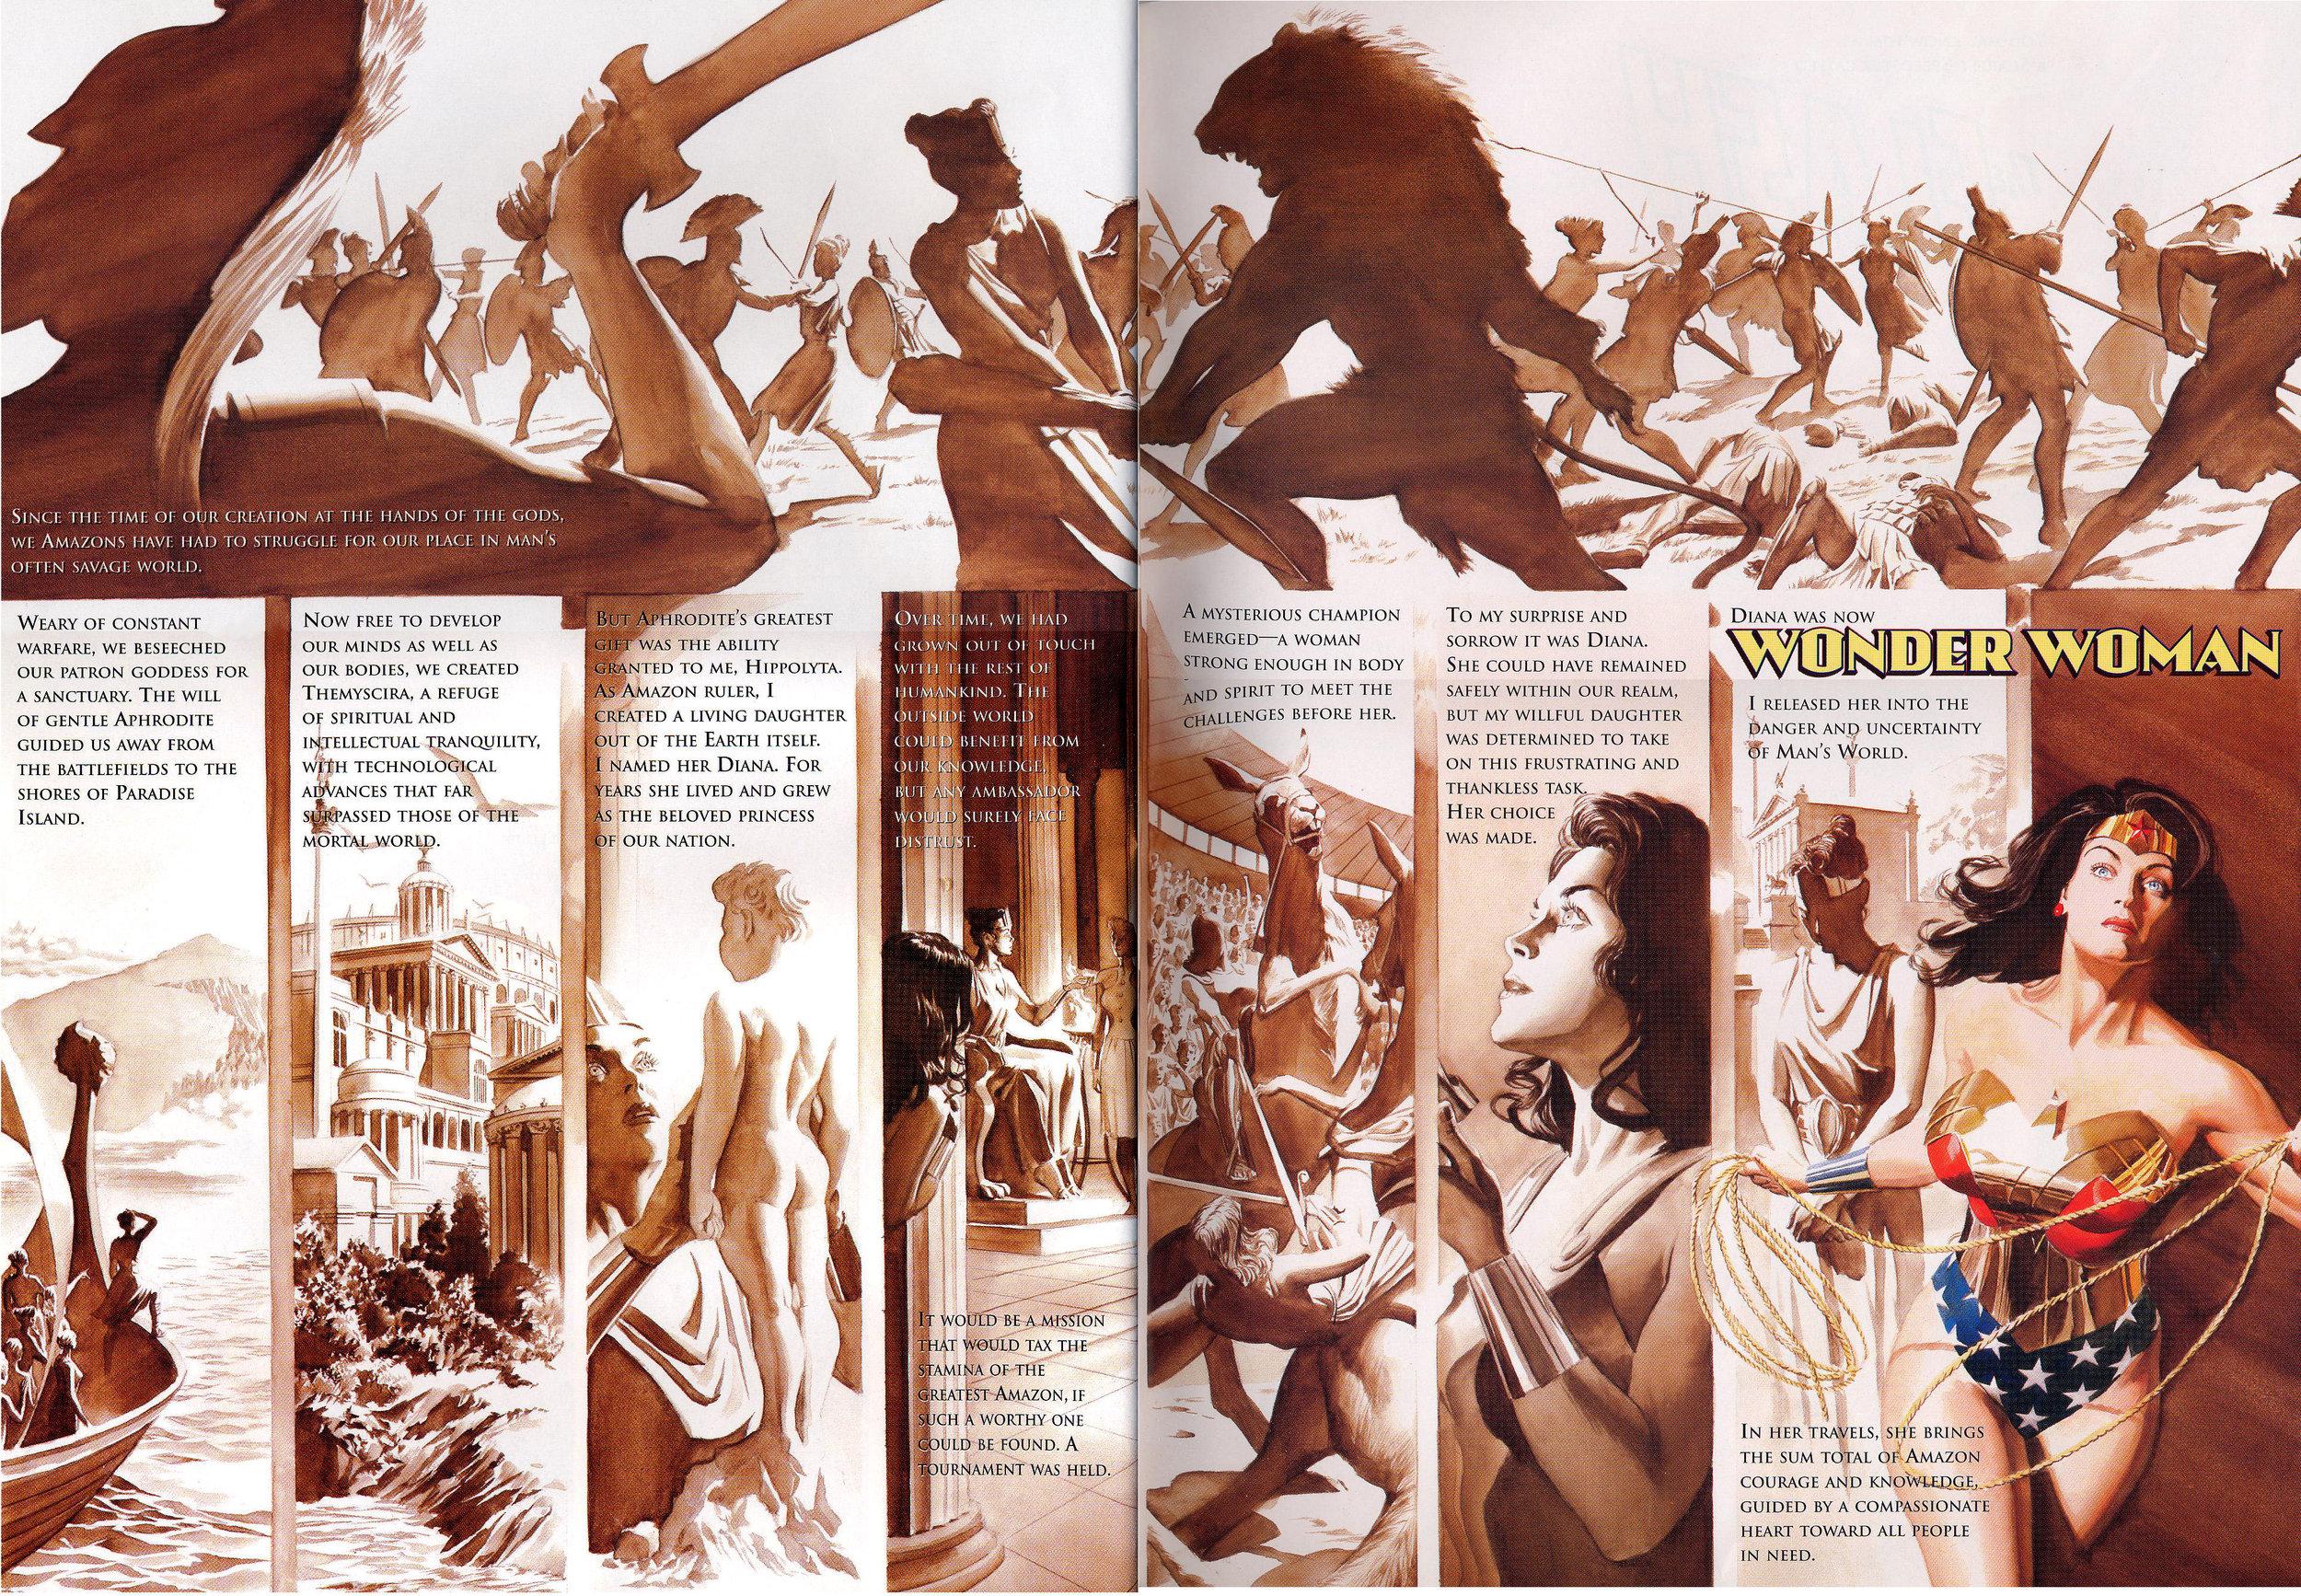 JLA: Secret Origins (2002) Wonder Woman, written by Paul Dini with art by Alex Ross.